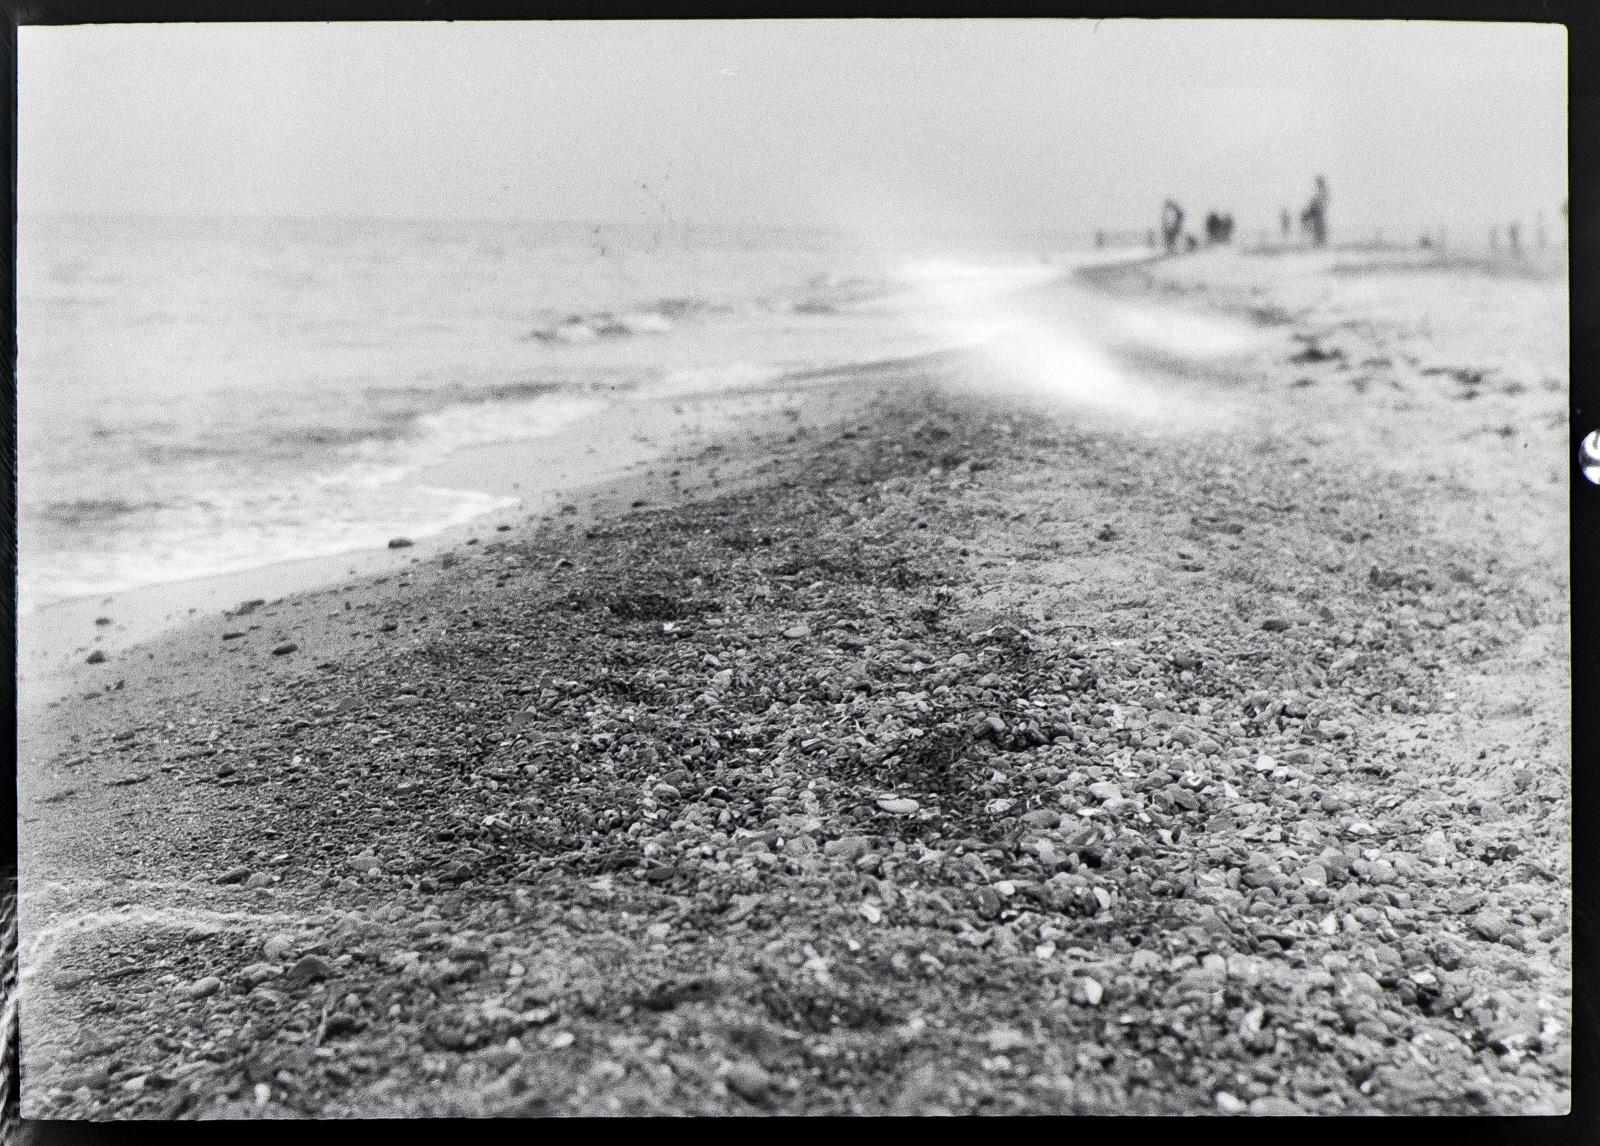 Darßer Ort, Strandansicht diffus